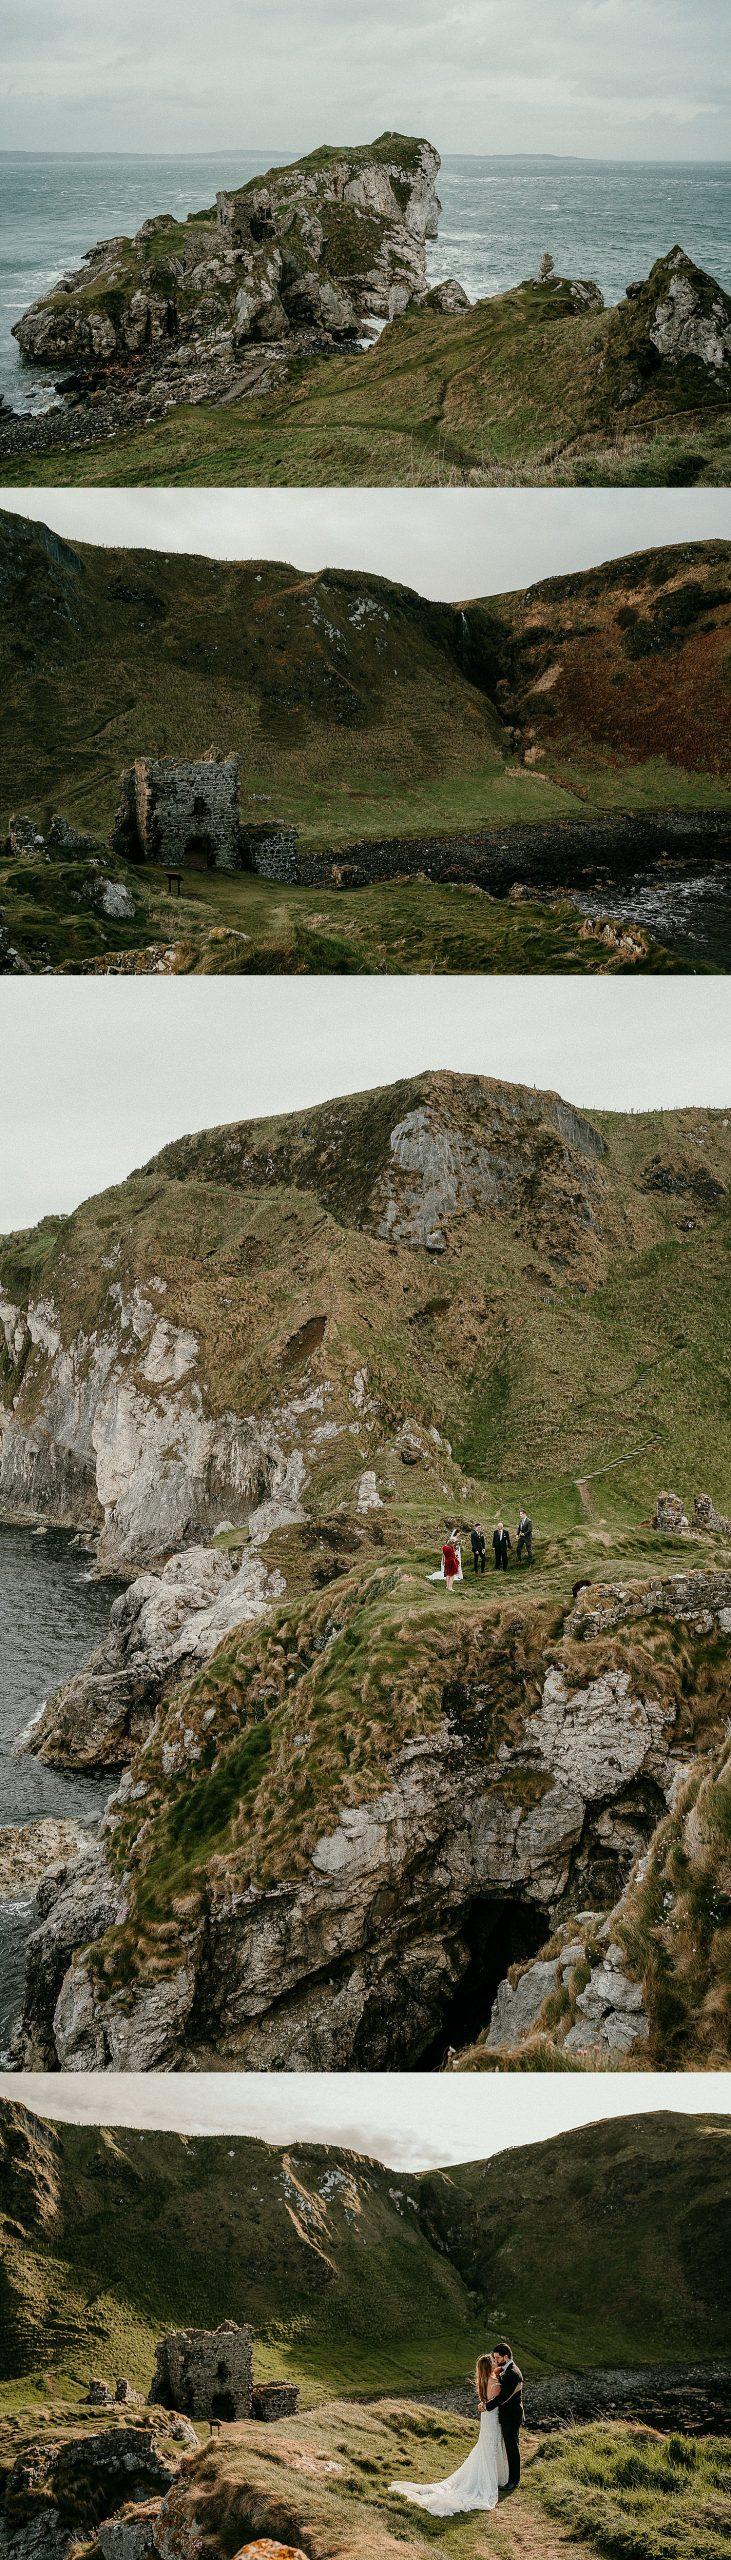 Elope in Ireland. Northern Ireland adventure elopements. Irish Elopement locations.